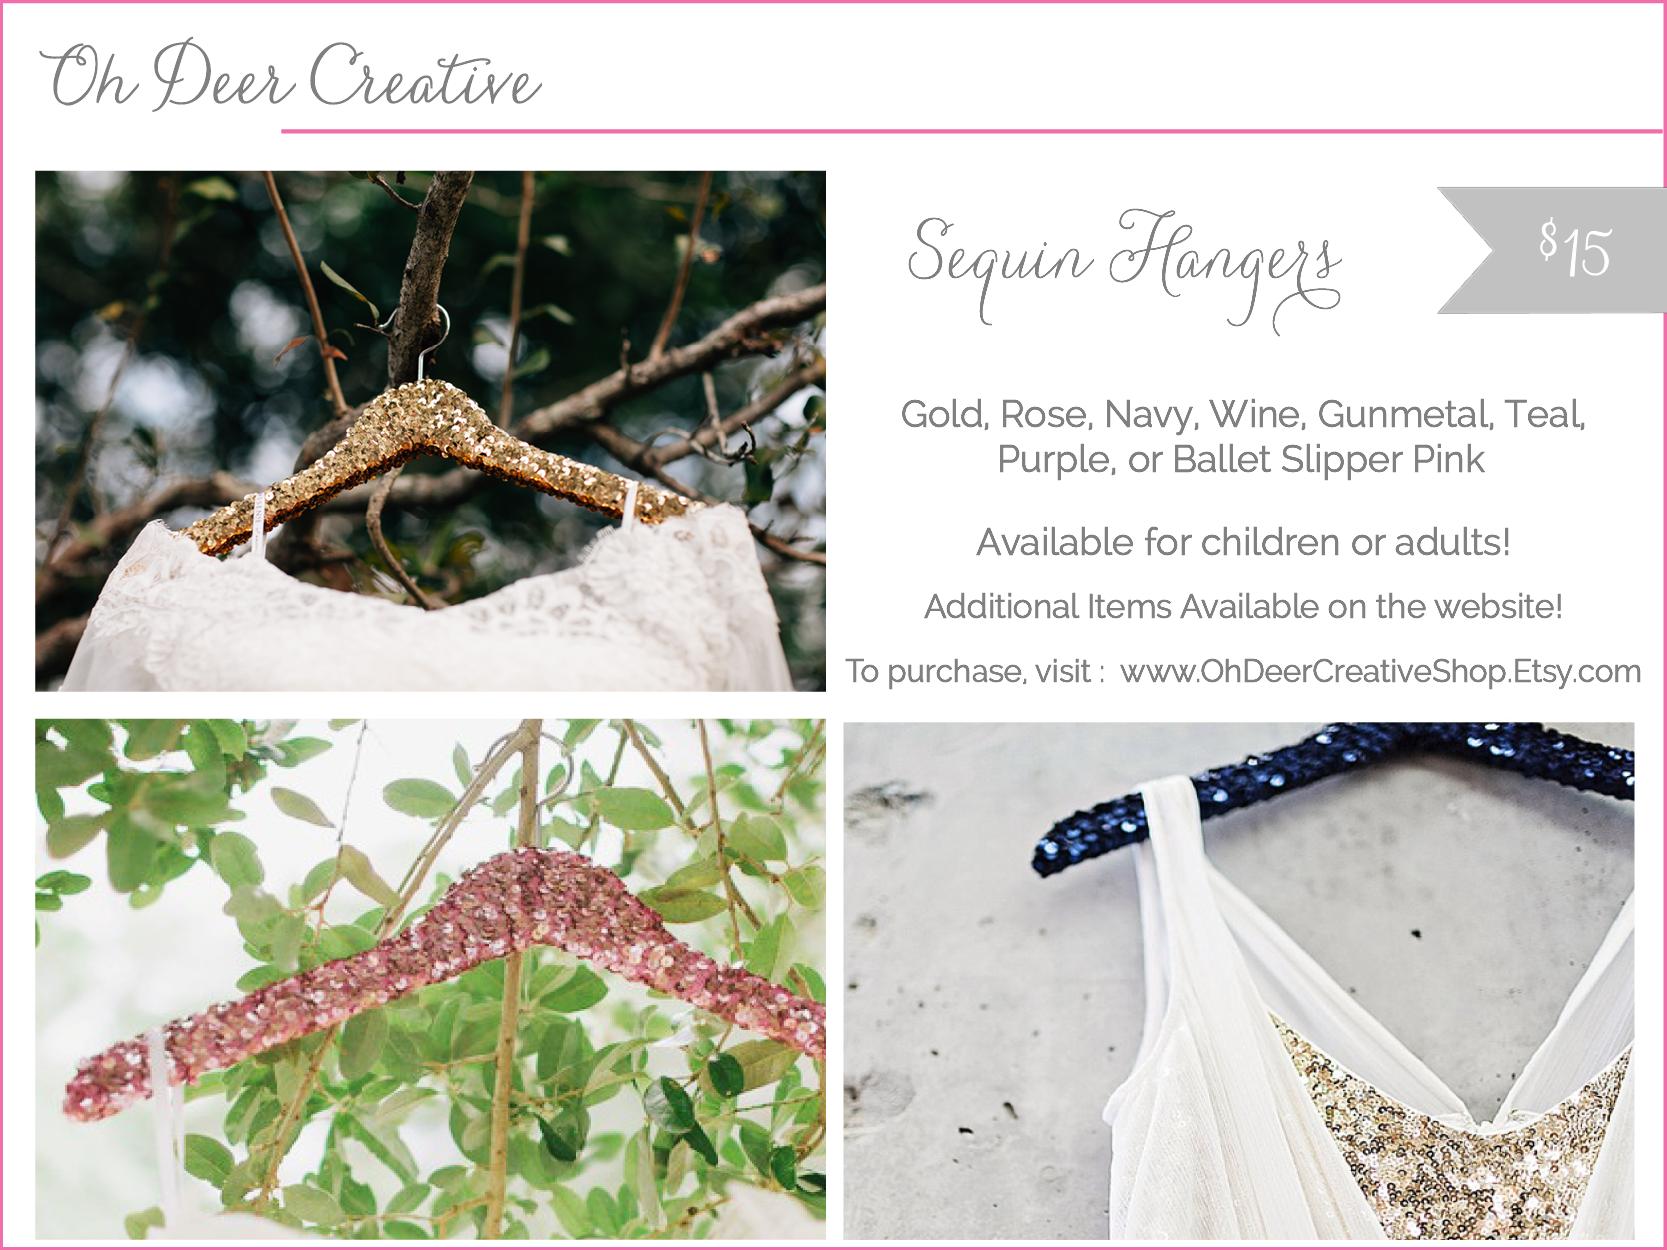 oh deer creative - sequin hangers - shop small